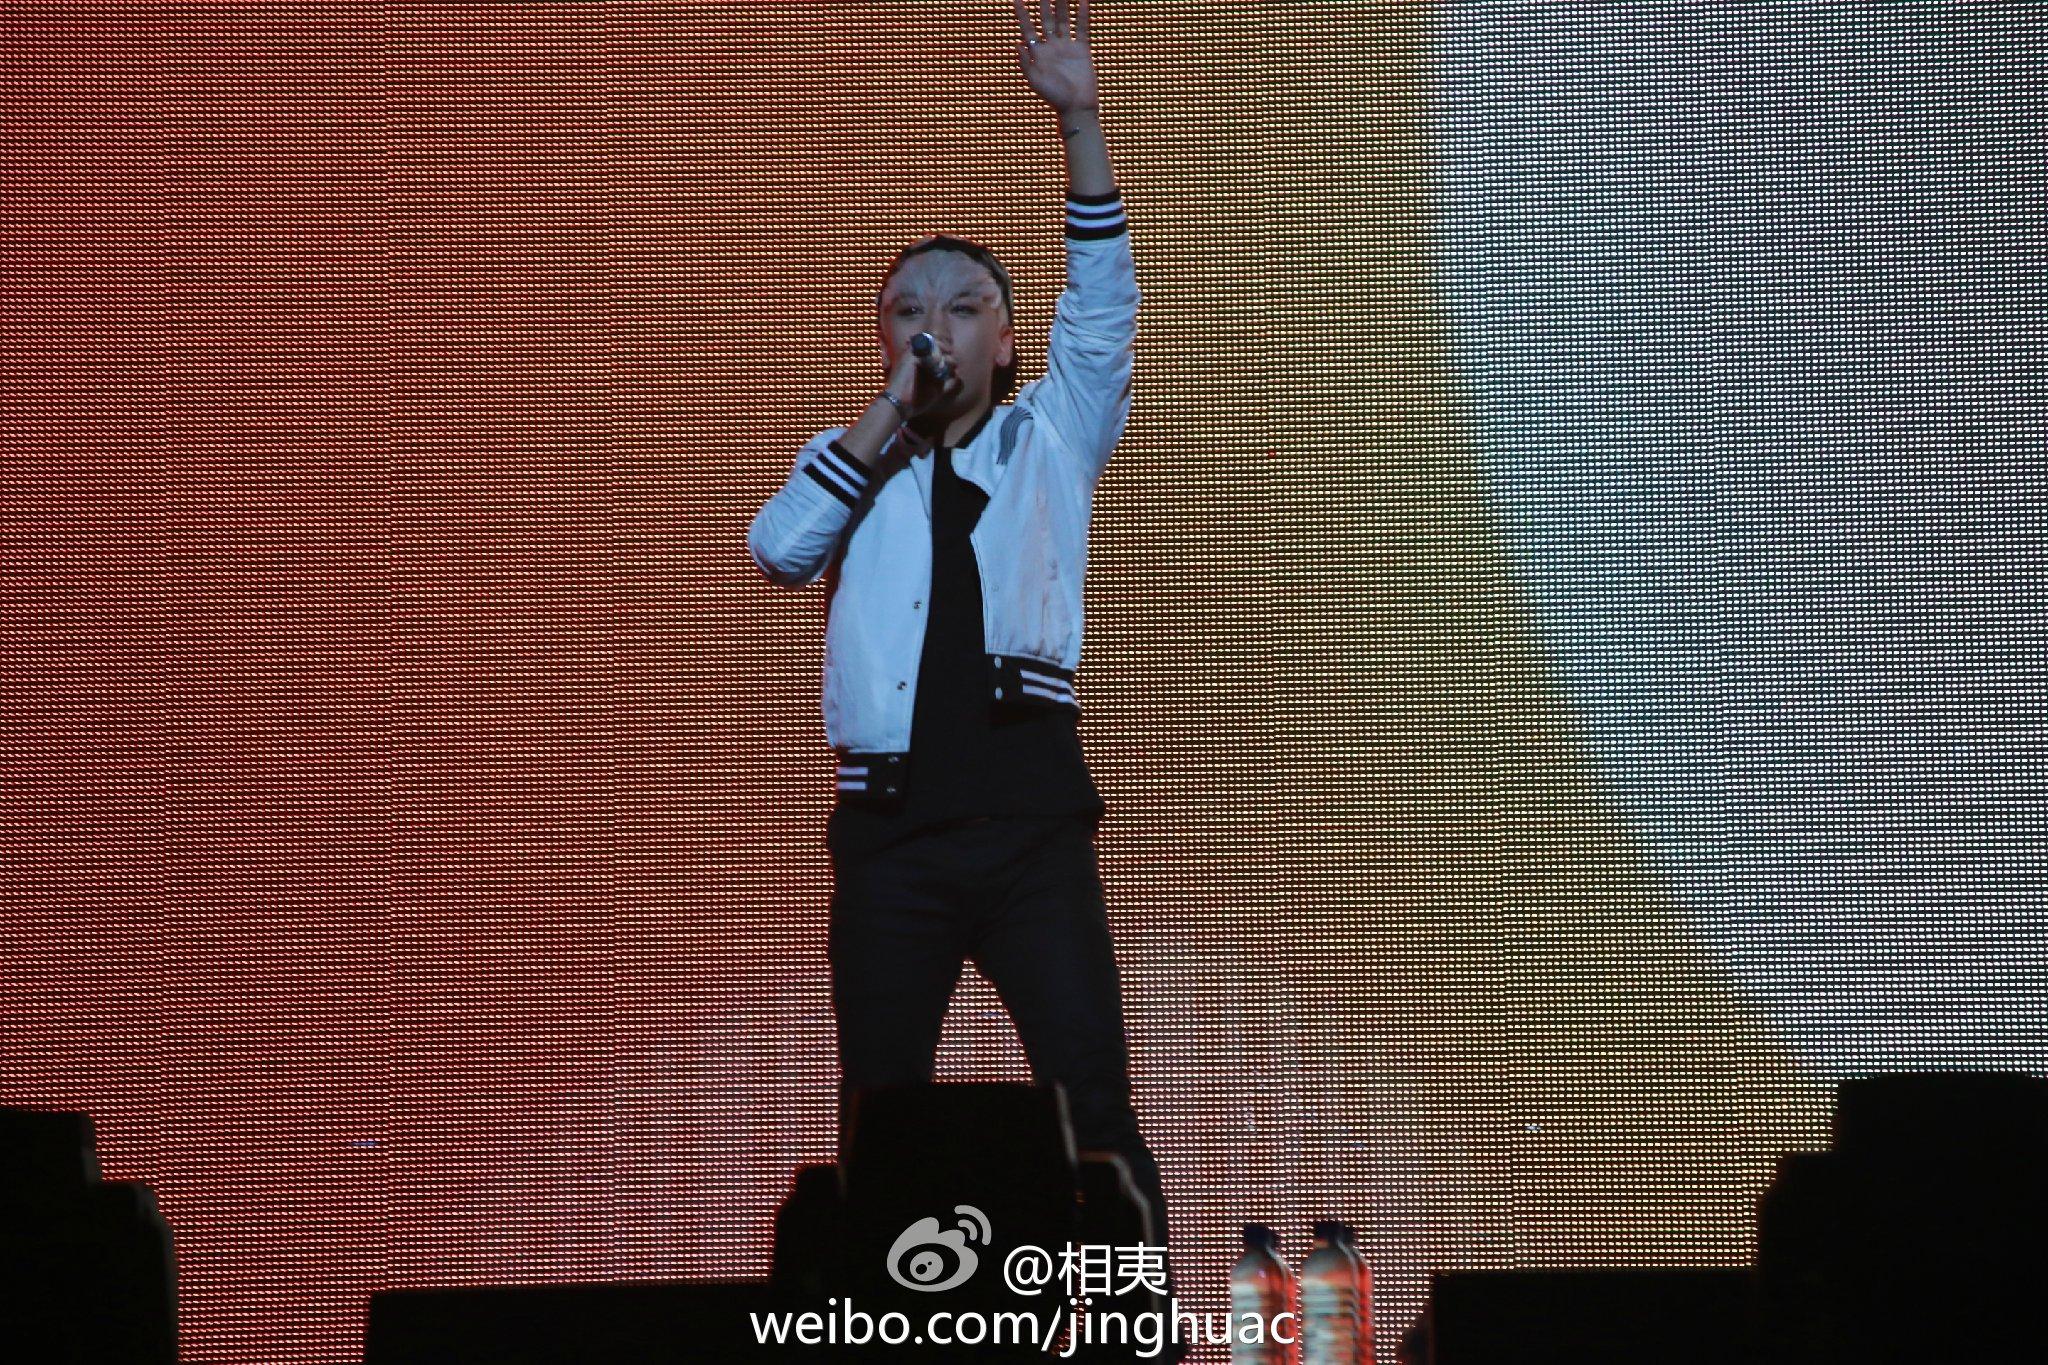 BIGBANG - Made Tour 2015 - Guangzhou - 30may2015 - jinghuac - 79.jpg